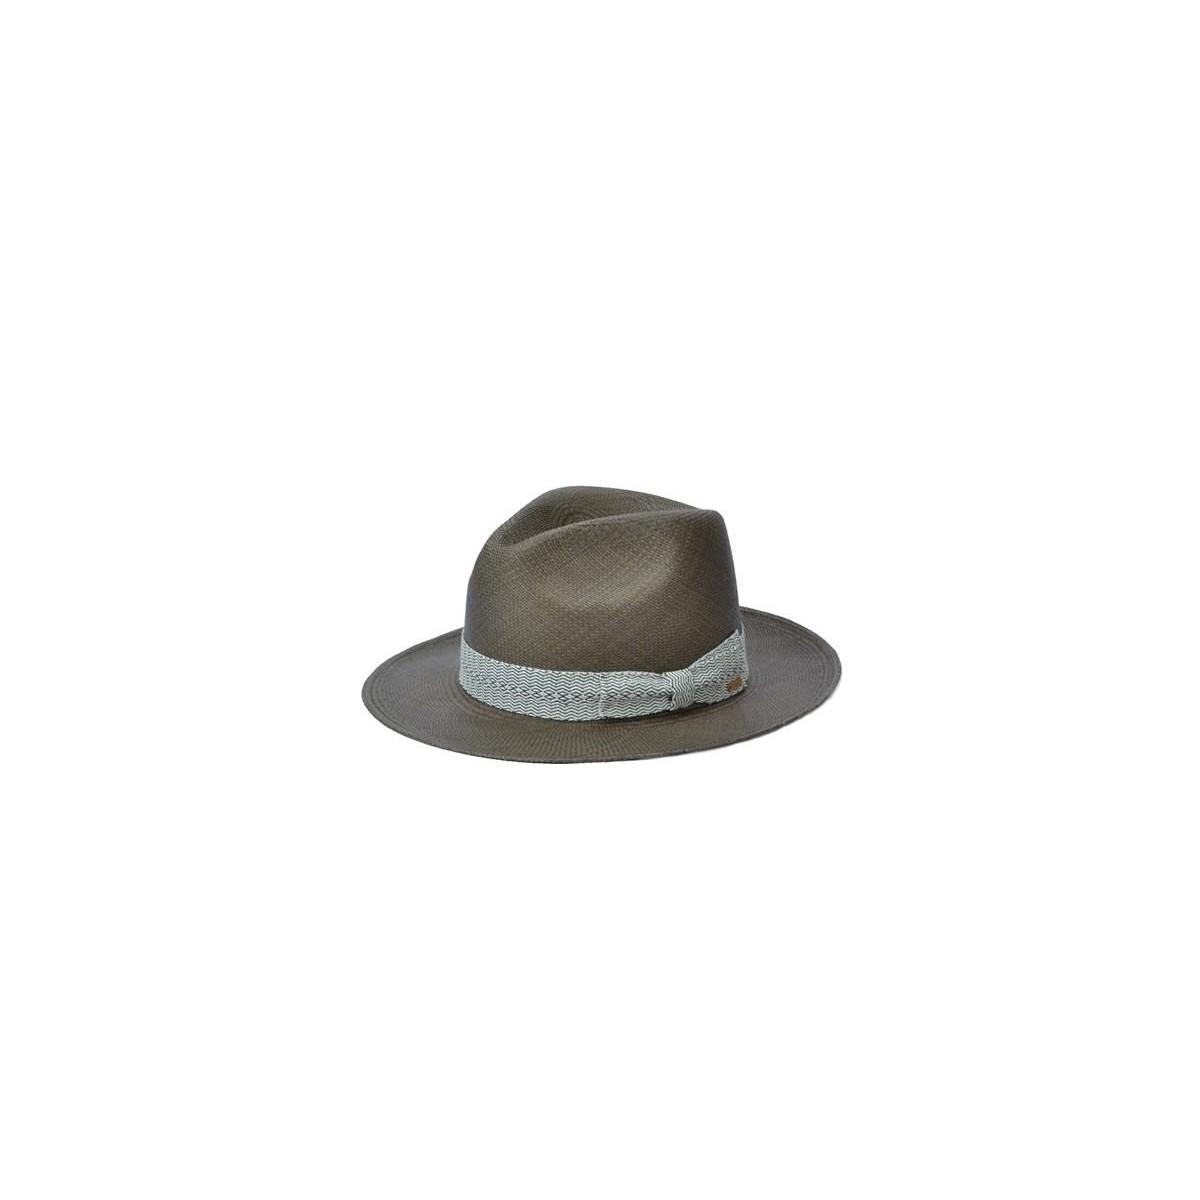 sombrero-hombre-panama-flavio-paja-toquilla-verde-Fernandez-y-Roche